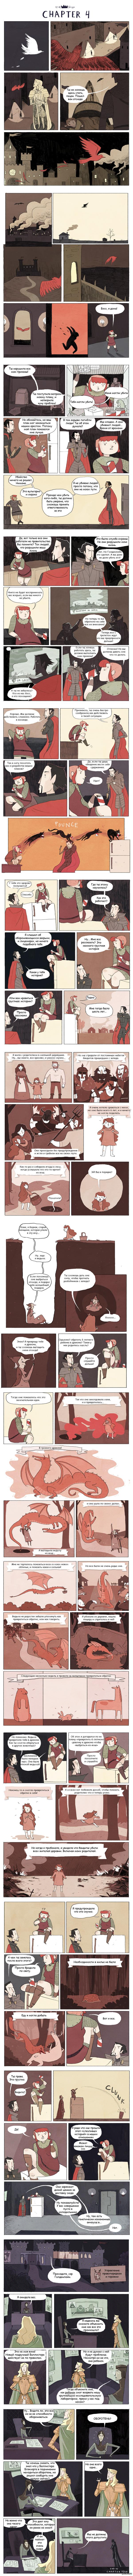 """Нимона глава 4 Раз первые три есть, то вот 4, а на джое, насколько я знаю, ее еще не выкладывали. Поиск по тегу """"Nimona"""""""